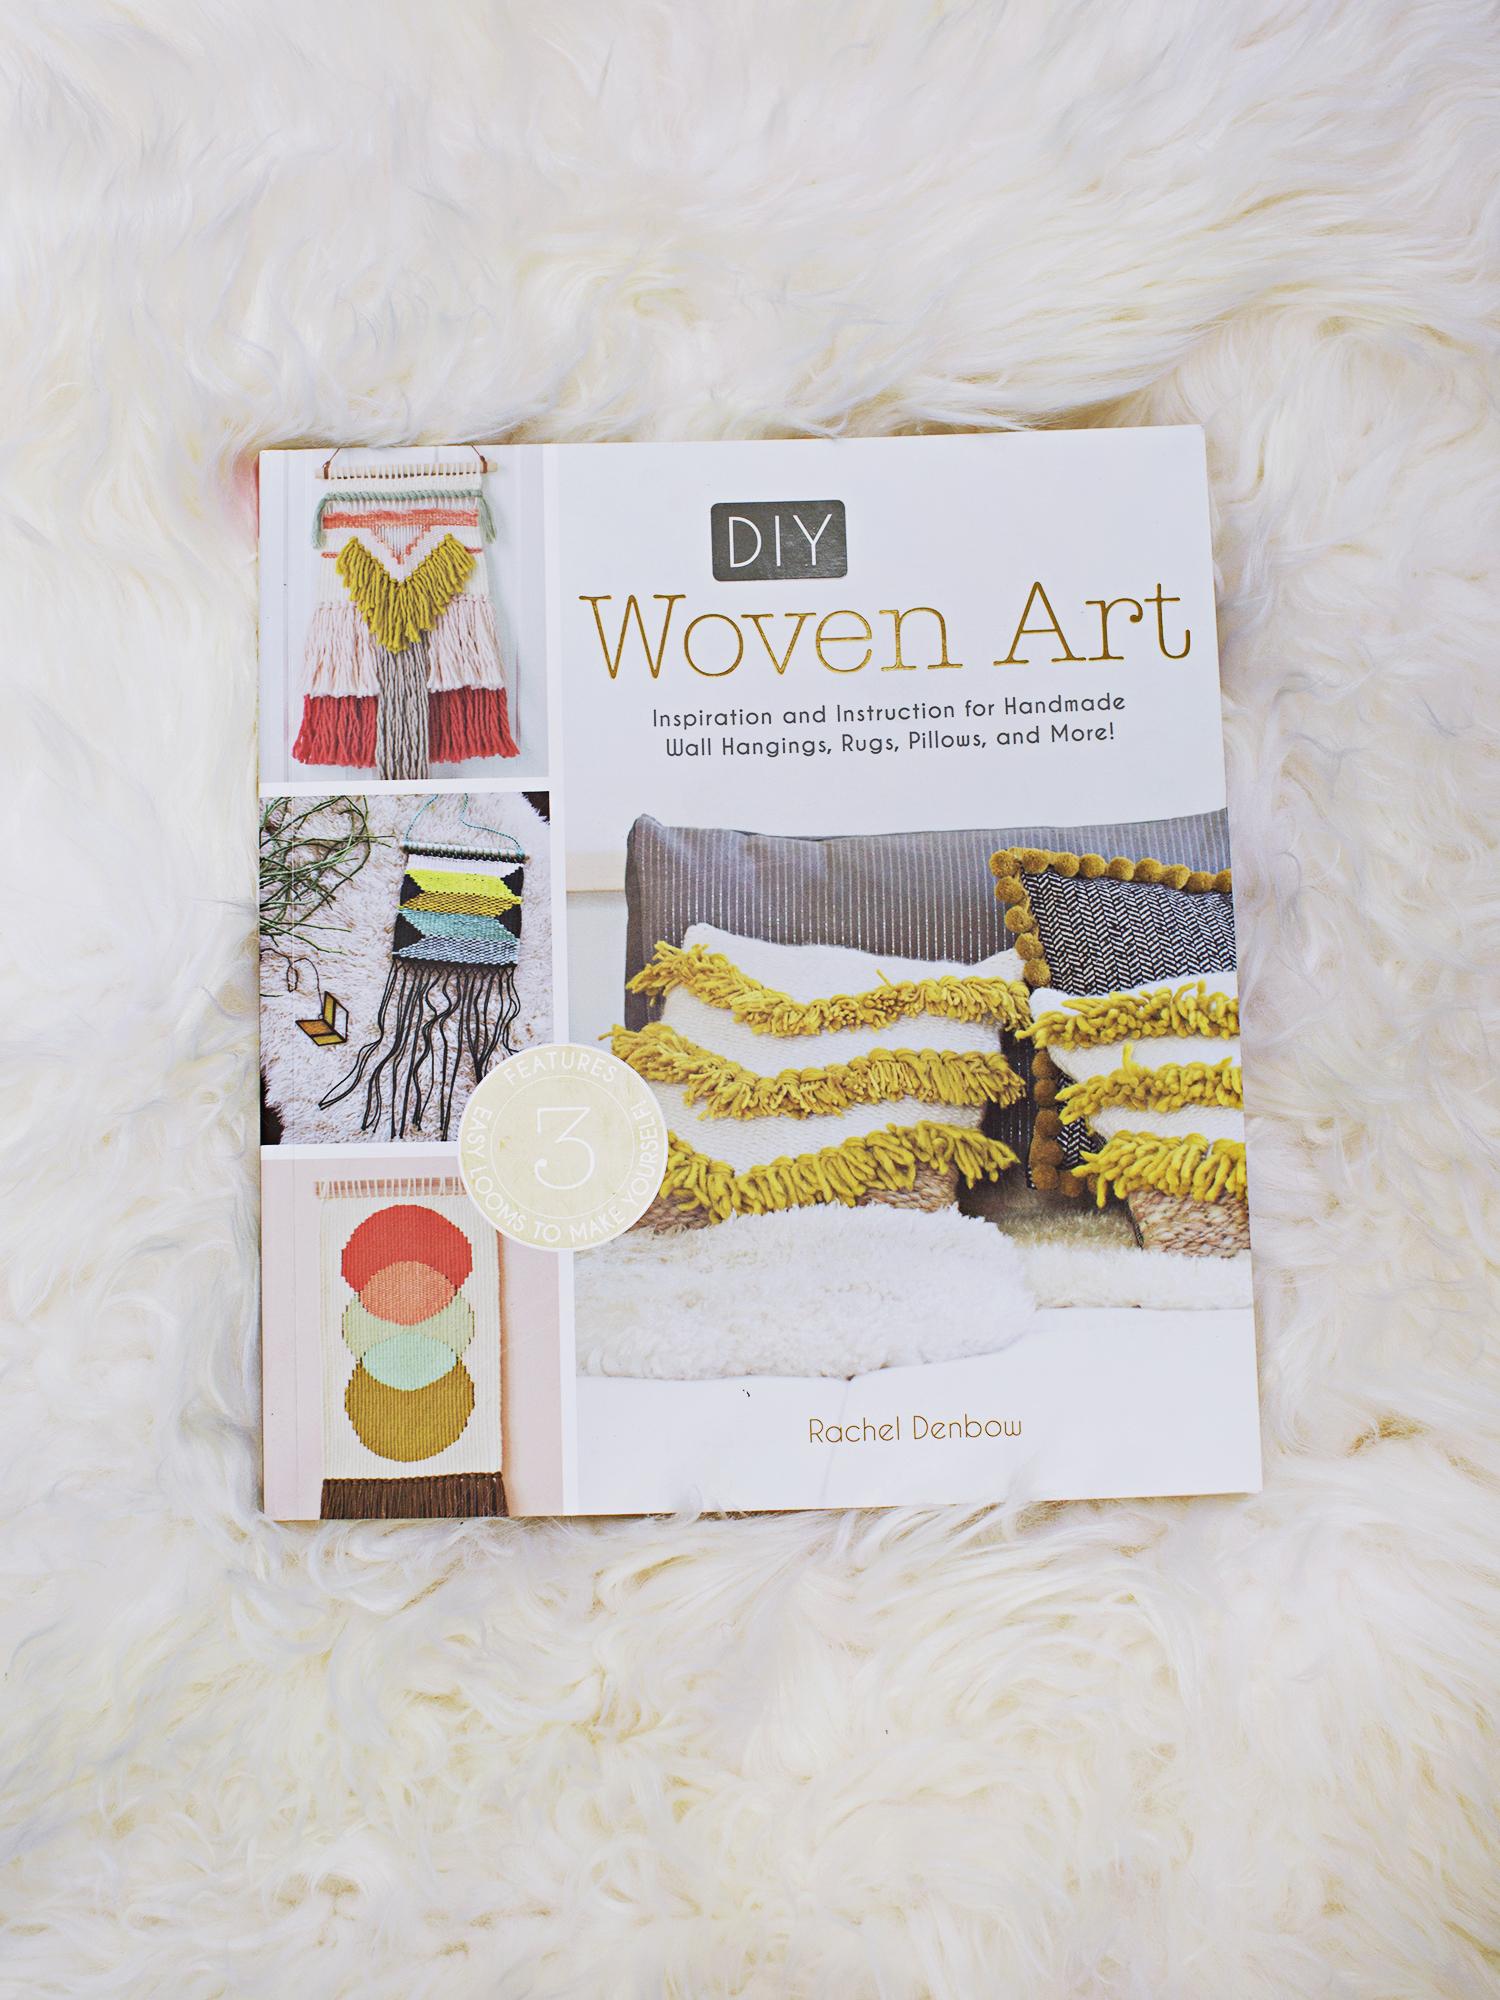 DIY Woven Art by Rachel Denbow